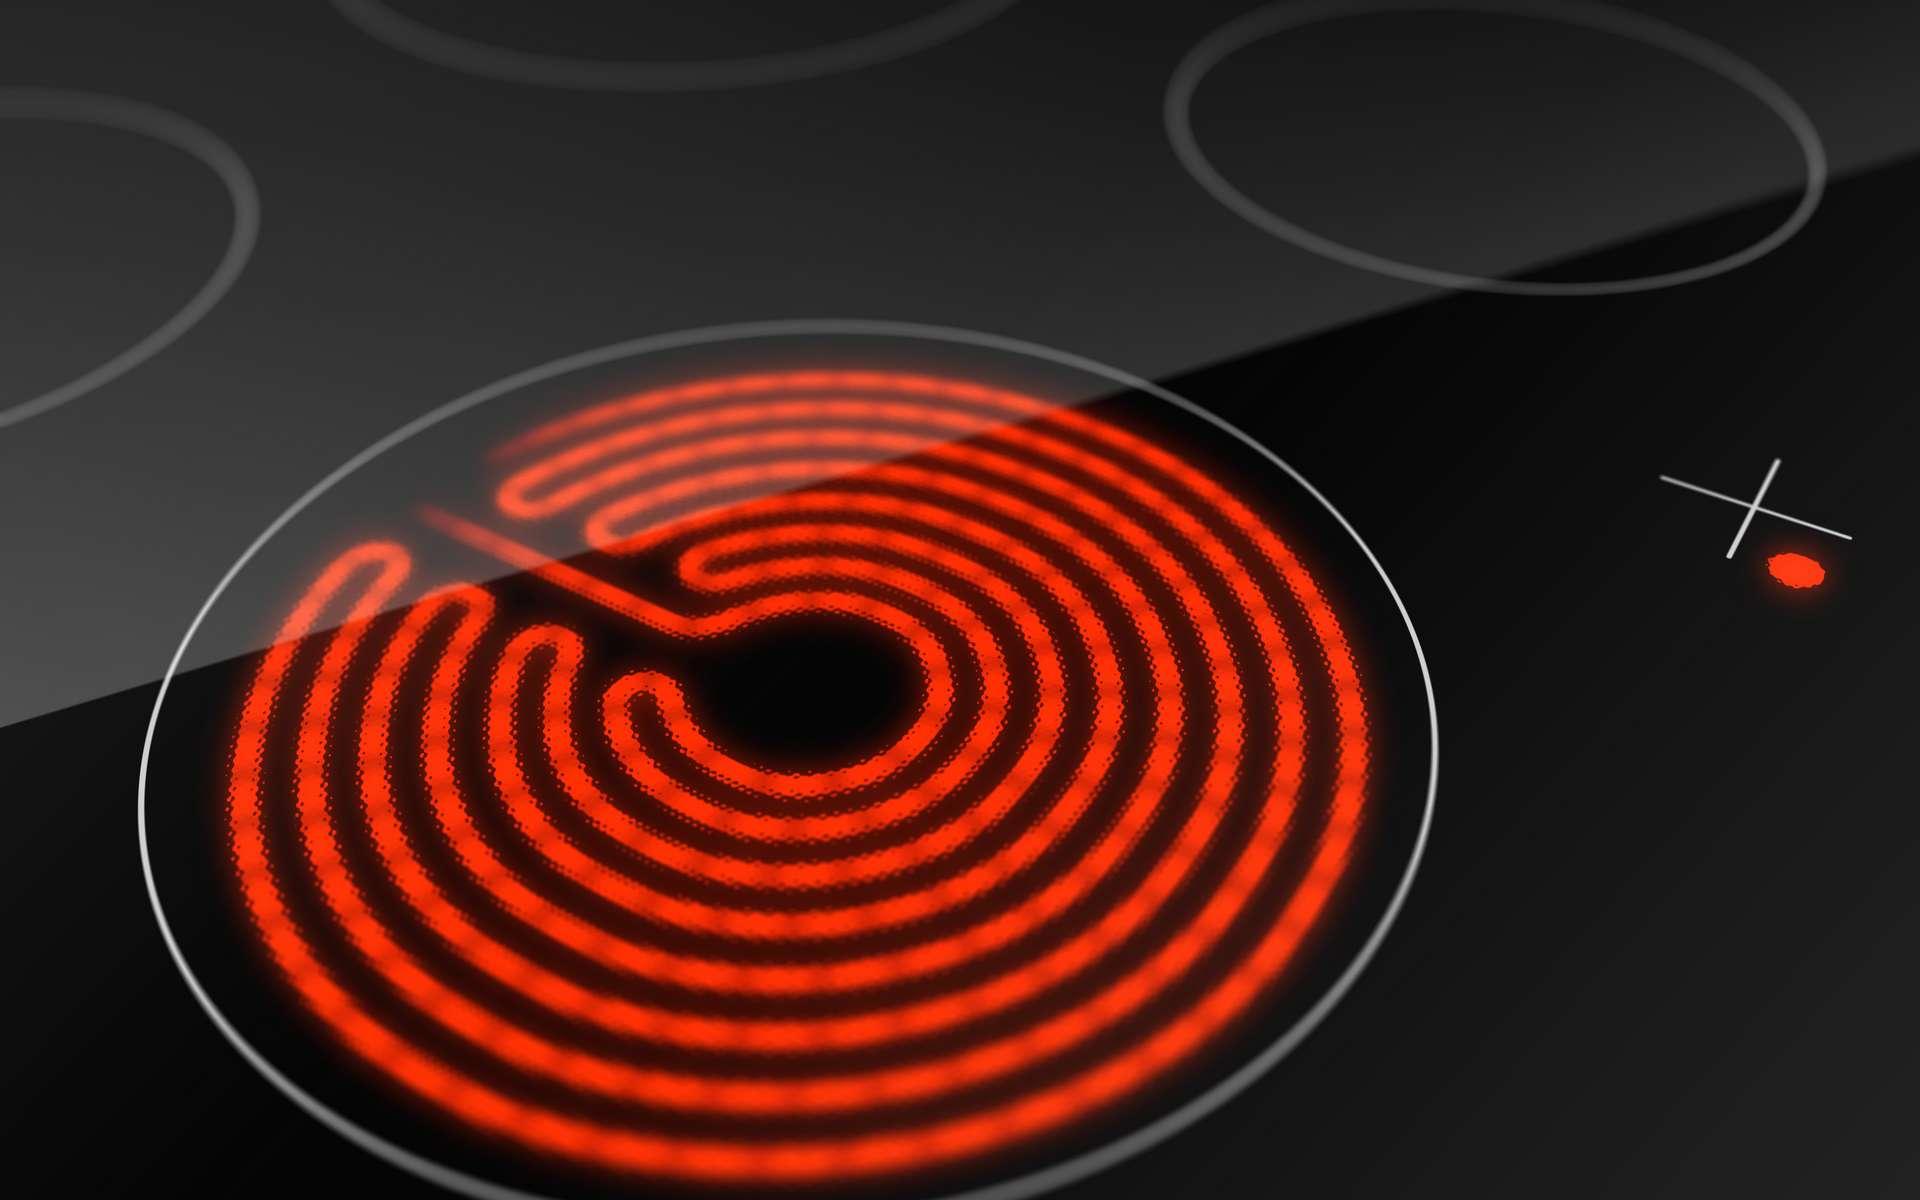 Nettoyer la cuisinière à induction rapidement et facilement. © He2, Adobe Stock